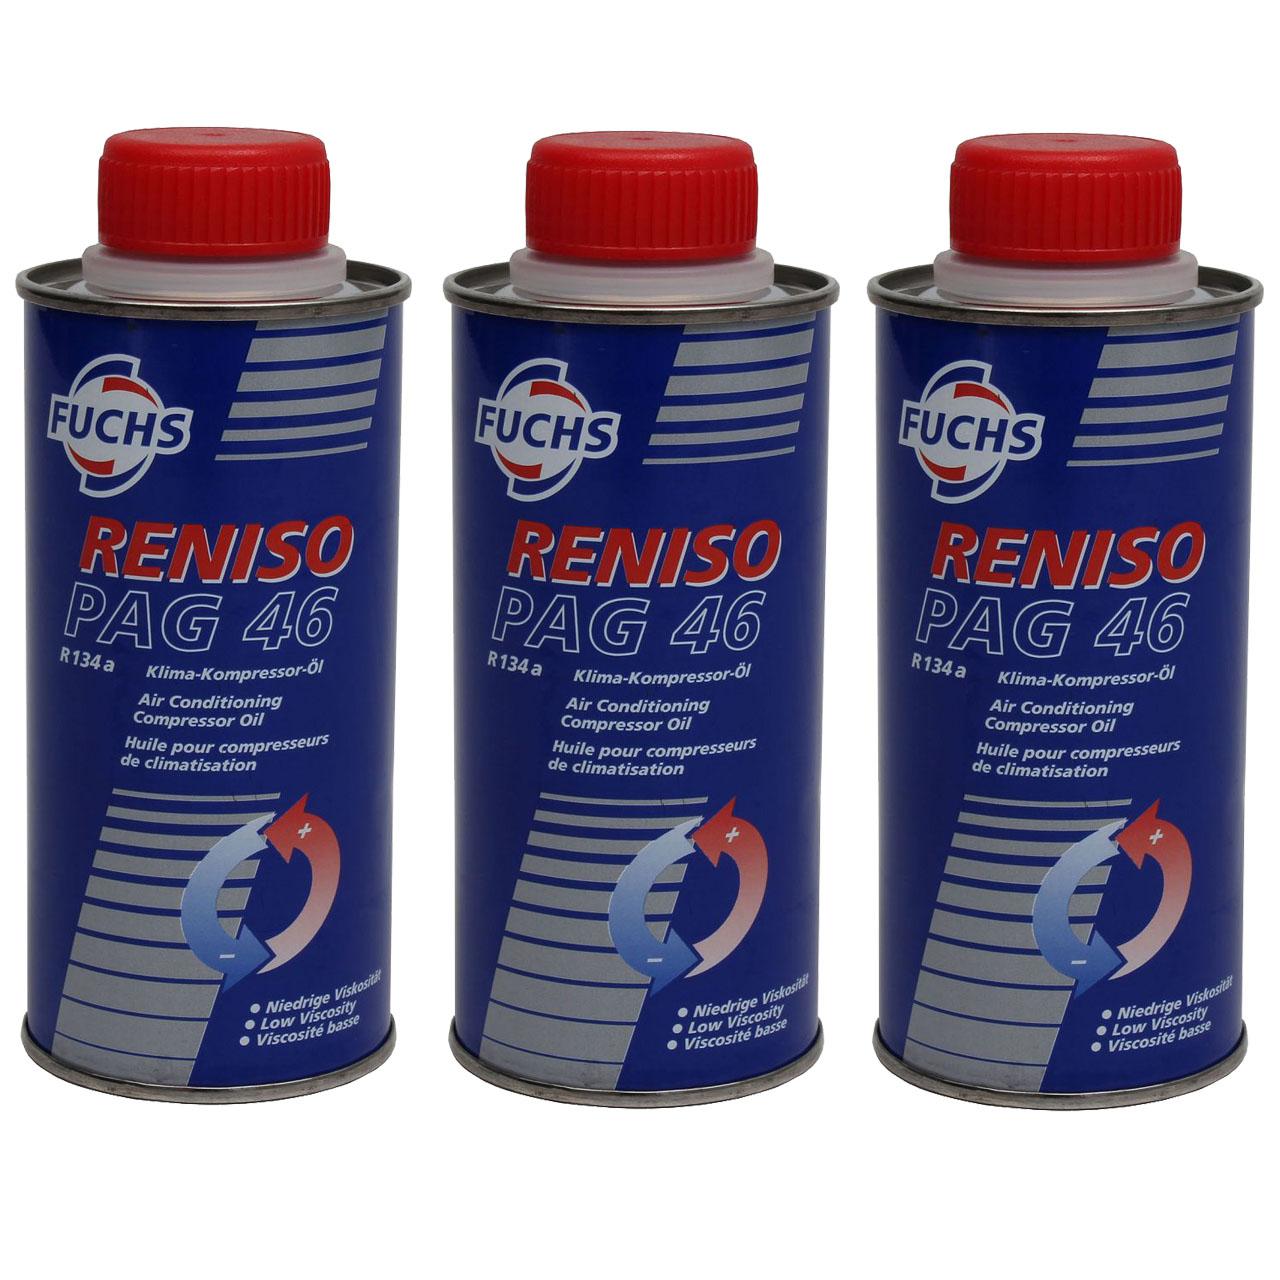 FUCHS RENISO Kompressor Öl Kompressoröl Klimaanlagenöl PAG 46 R134a 3x 250ml